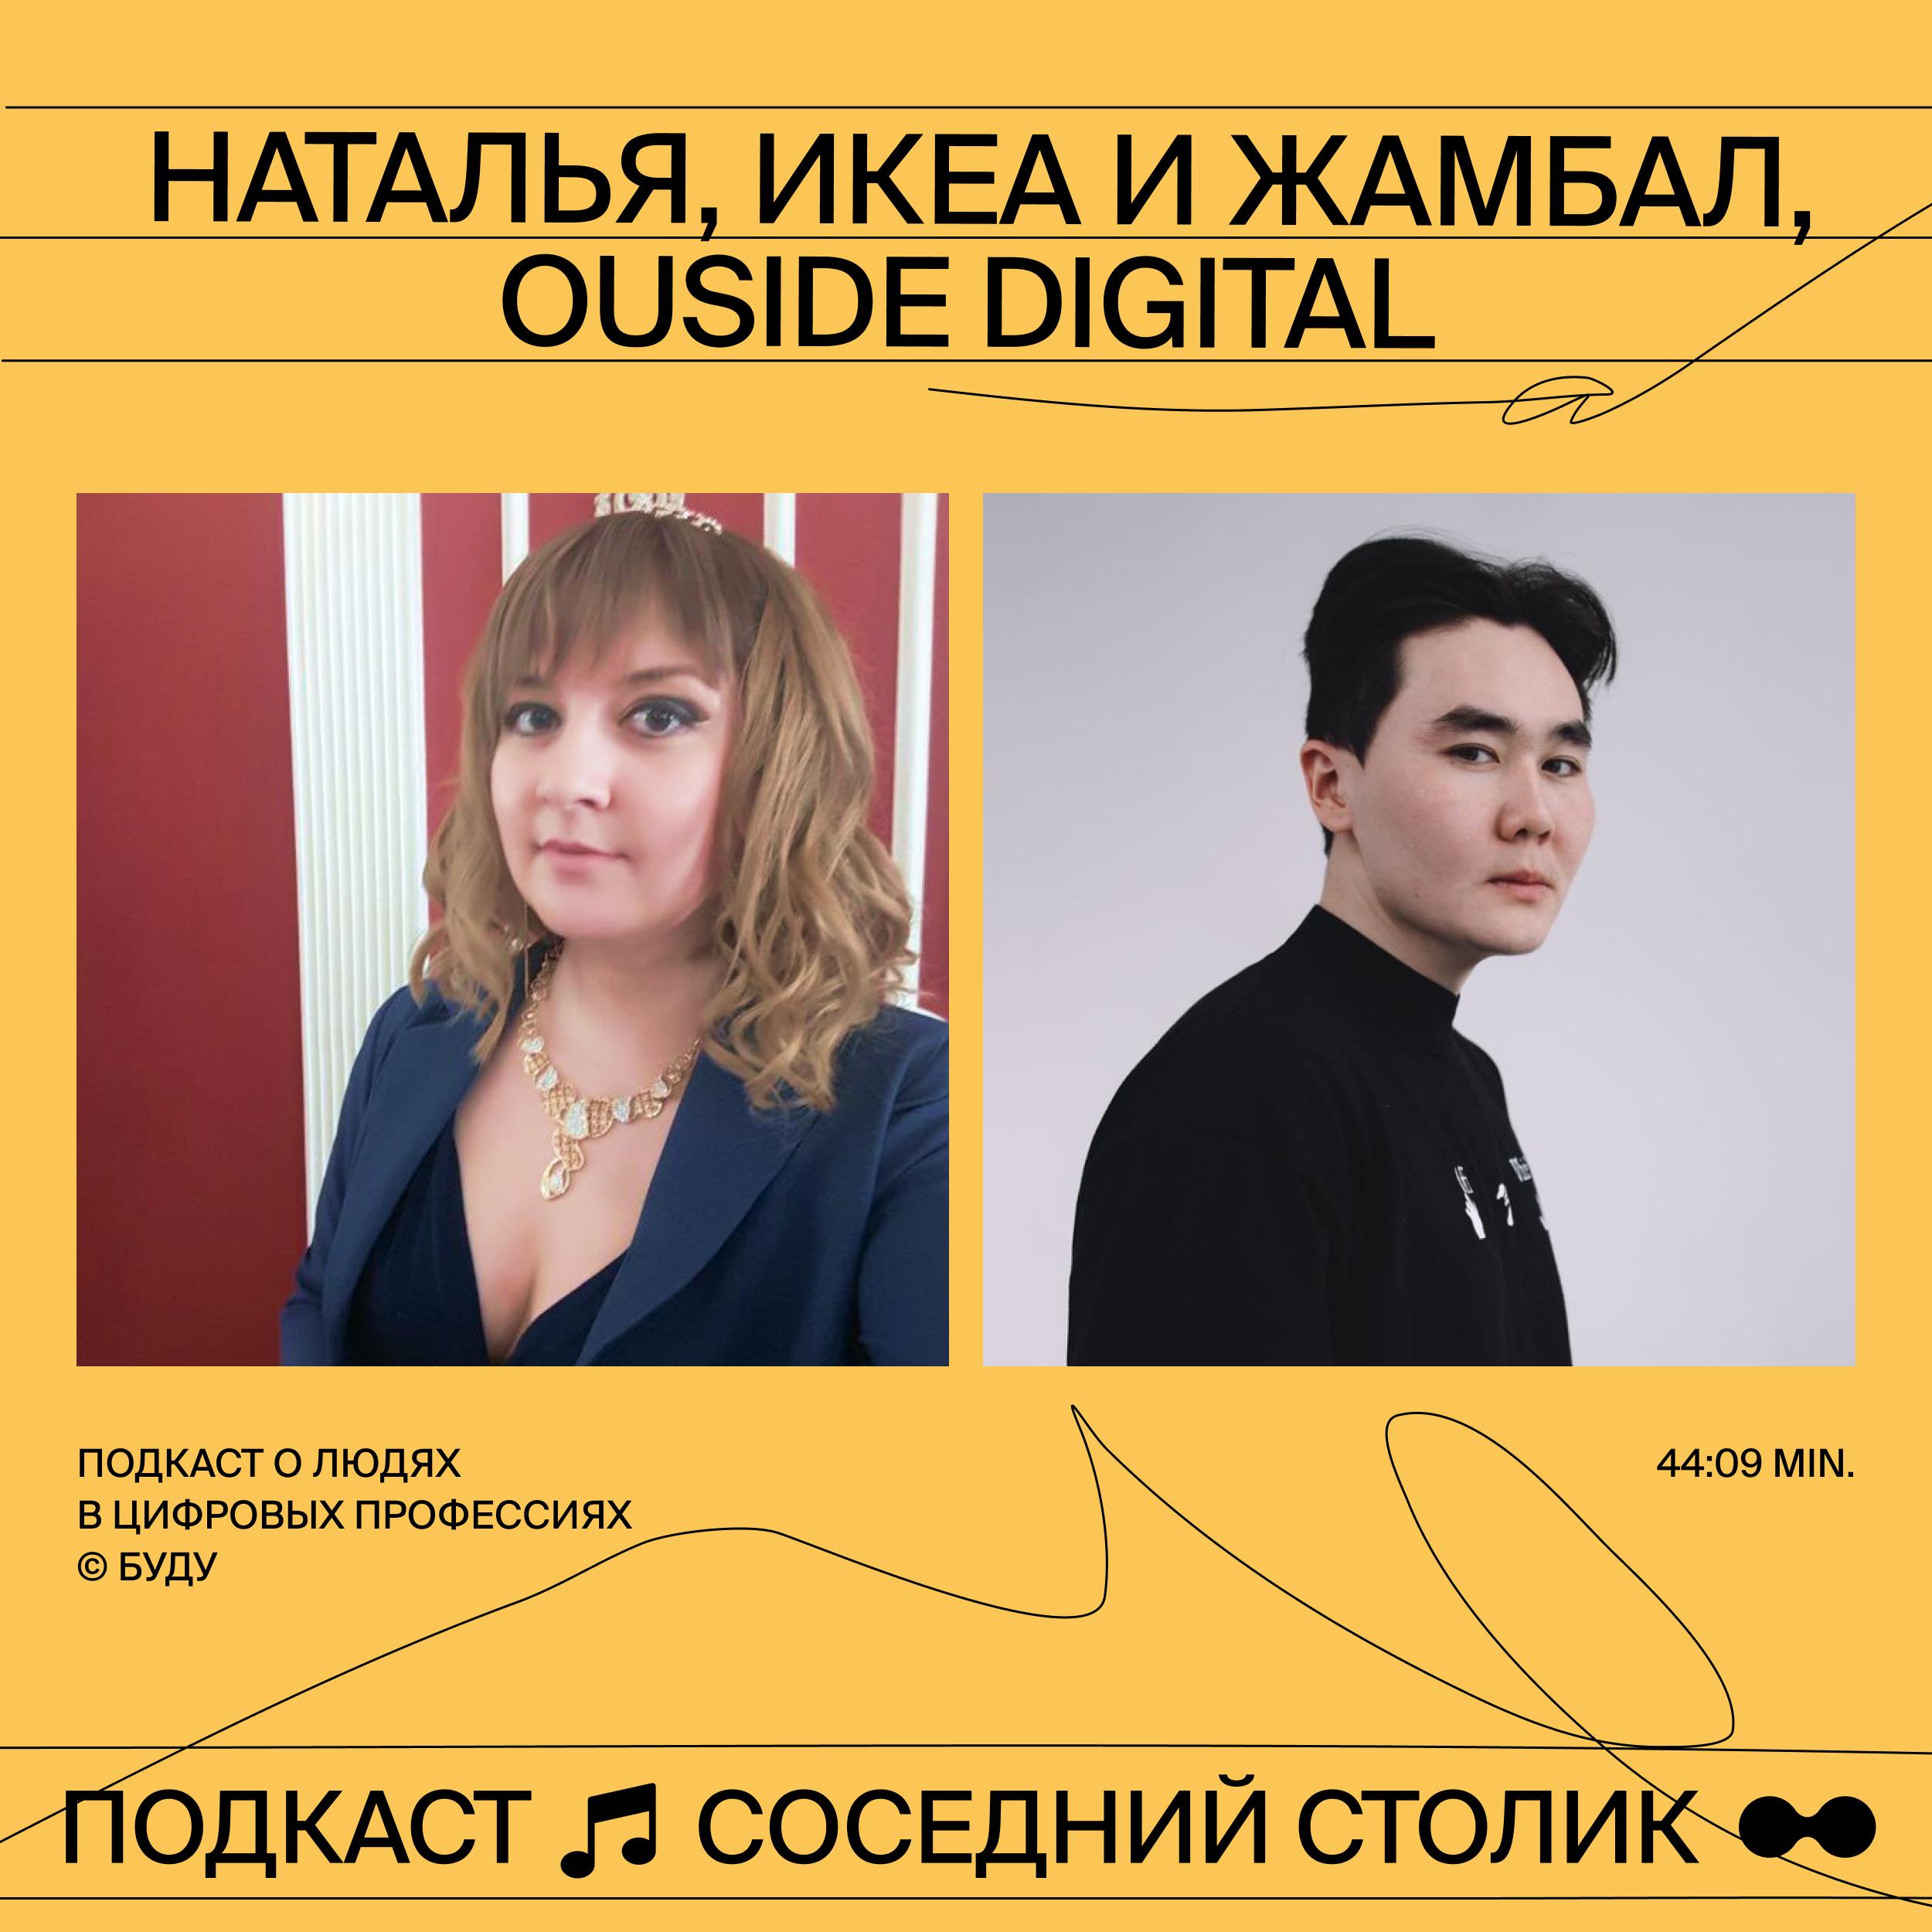 Наталья, IKEA и Жамбал, Outside Agency: e-commerce, геймификация, UGC и работа с агентством